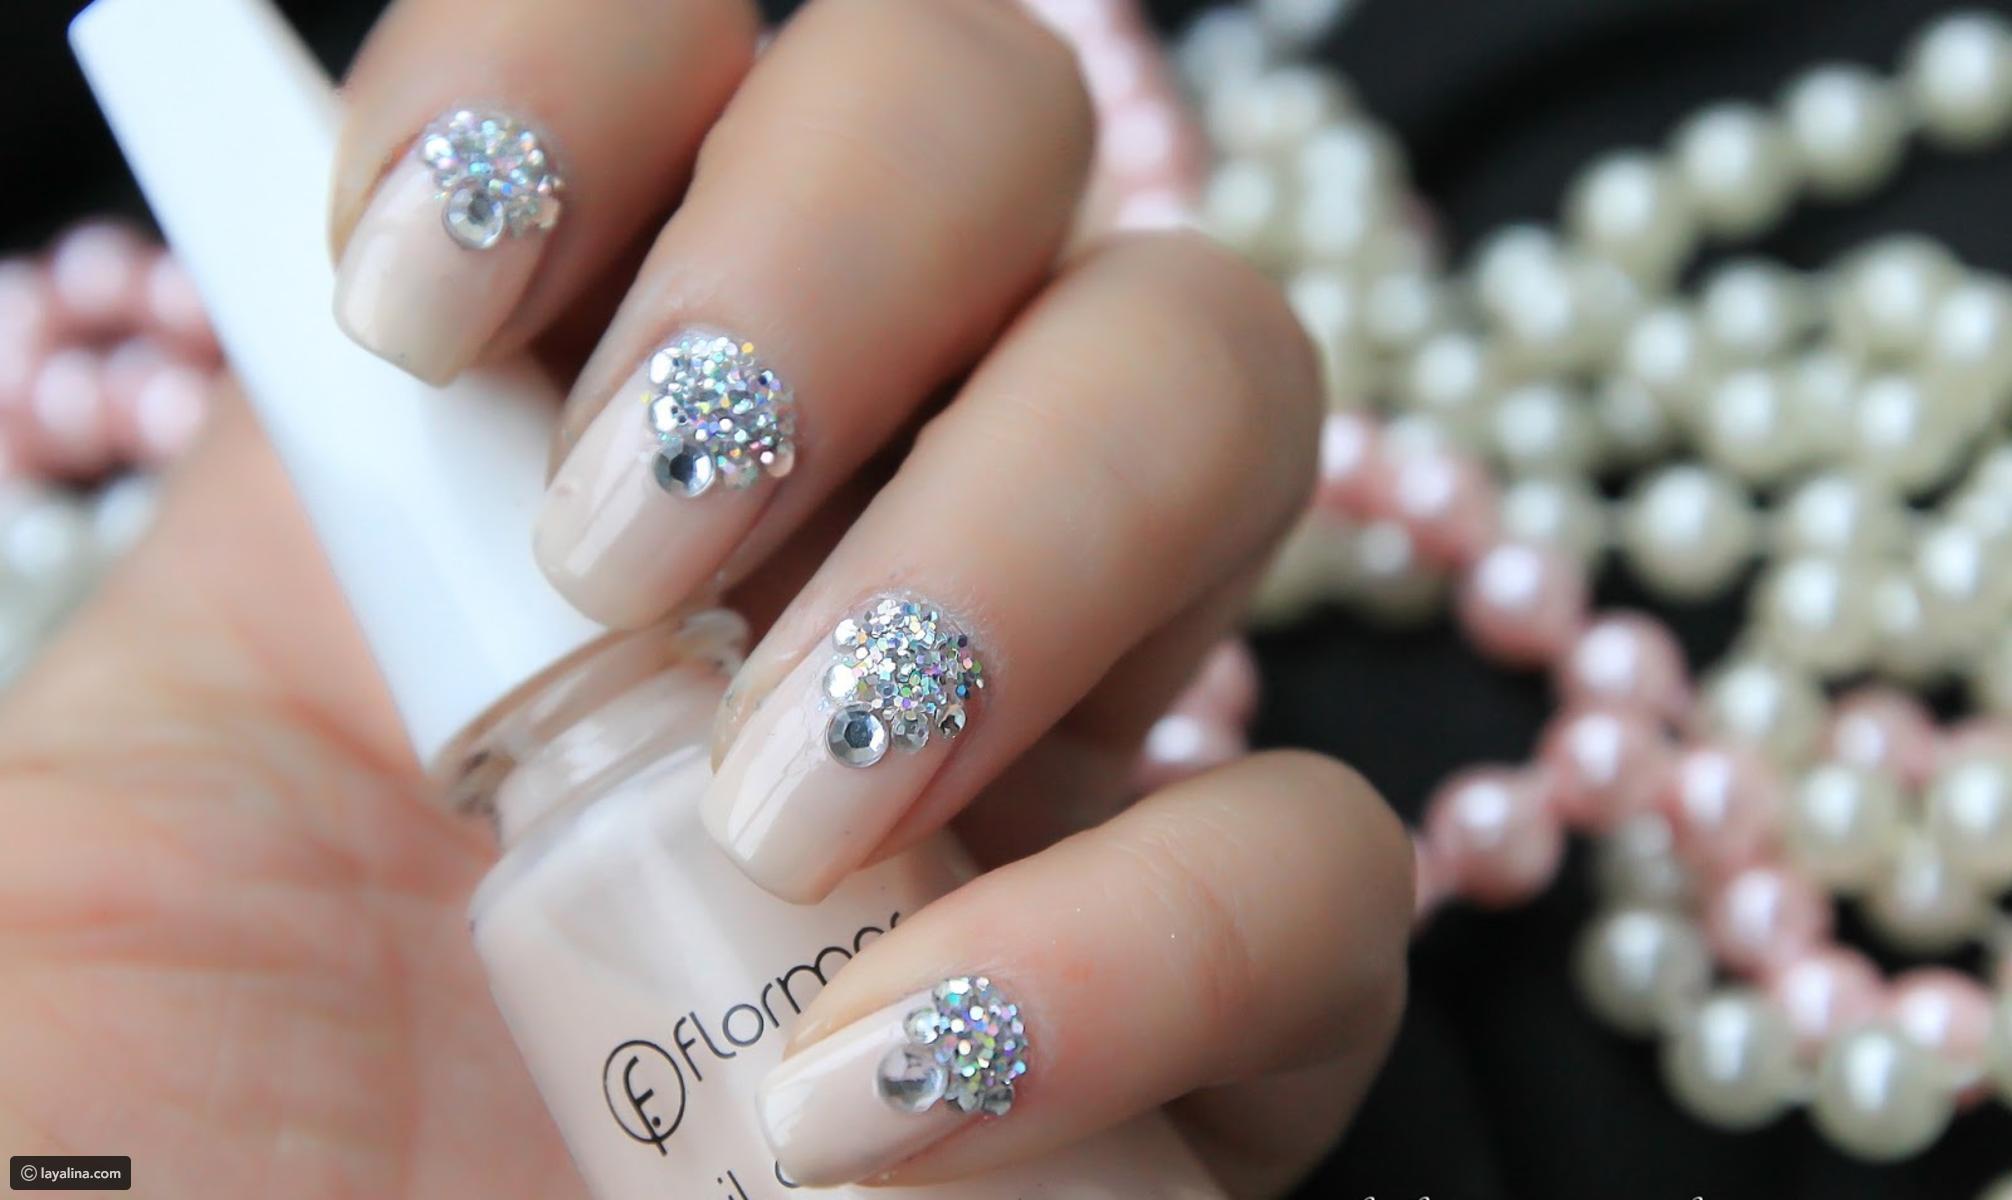 preciosos diseños de uñas con piedras, uñas pintadas en color claro con decoración de piedras brillantes